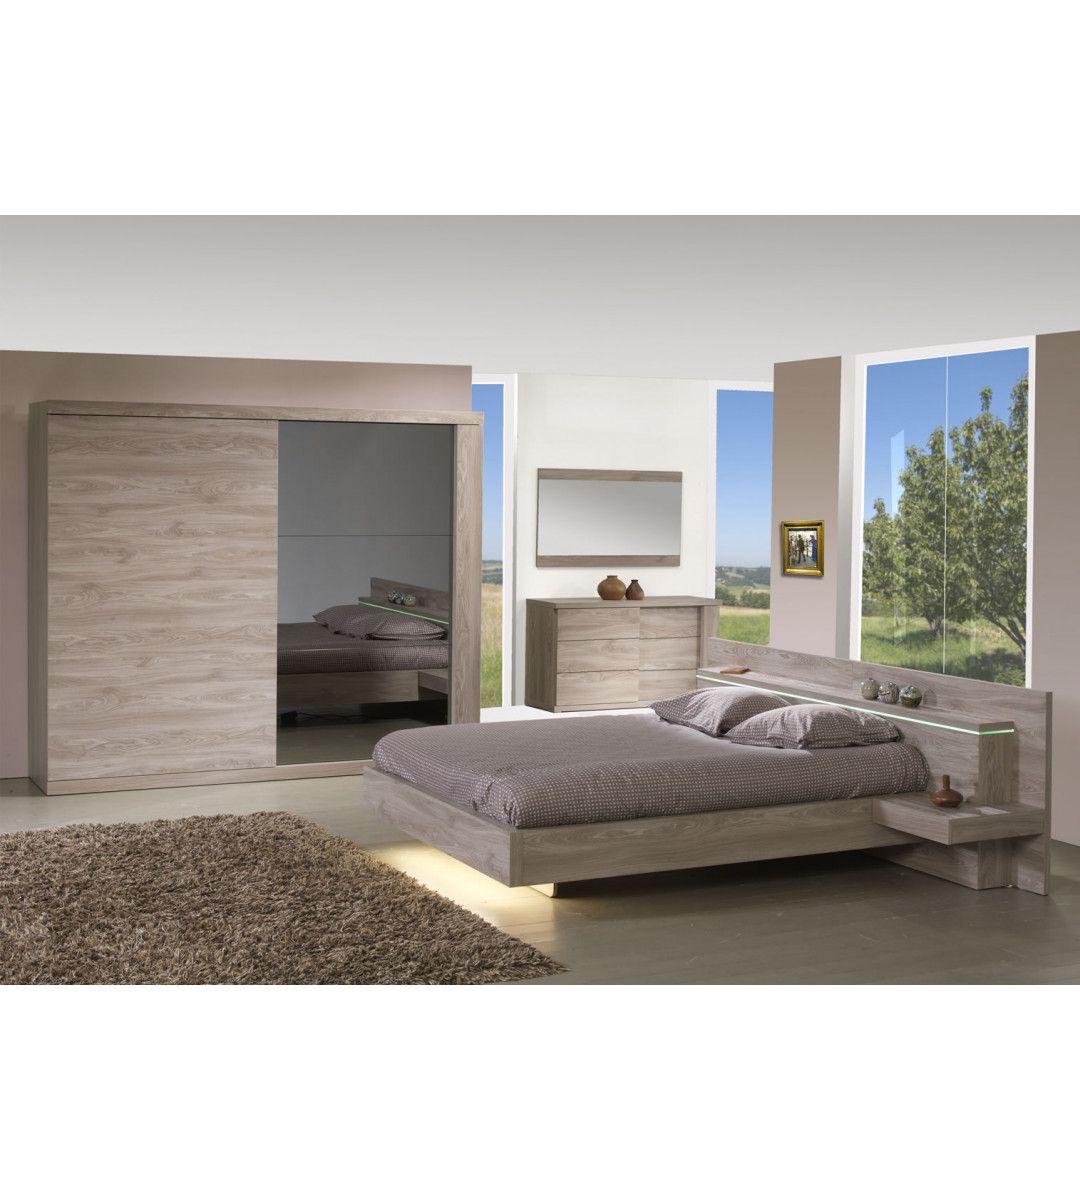 Chambres complète adulte - Chambres à coucher complète pas cher ...